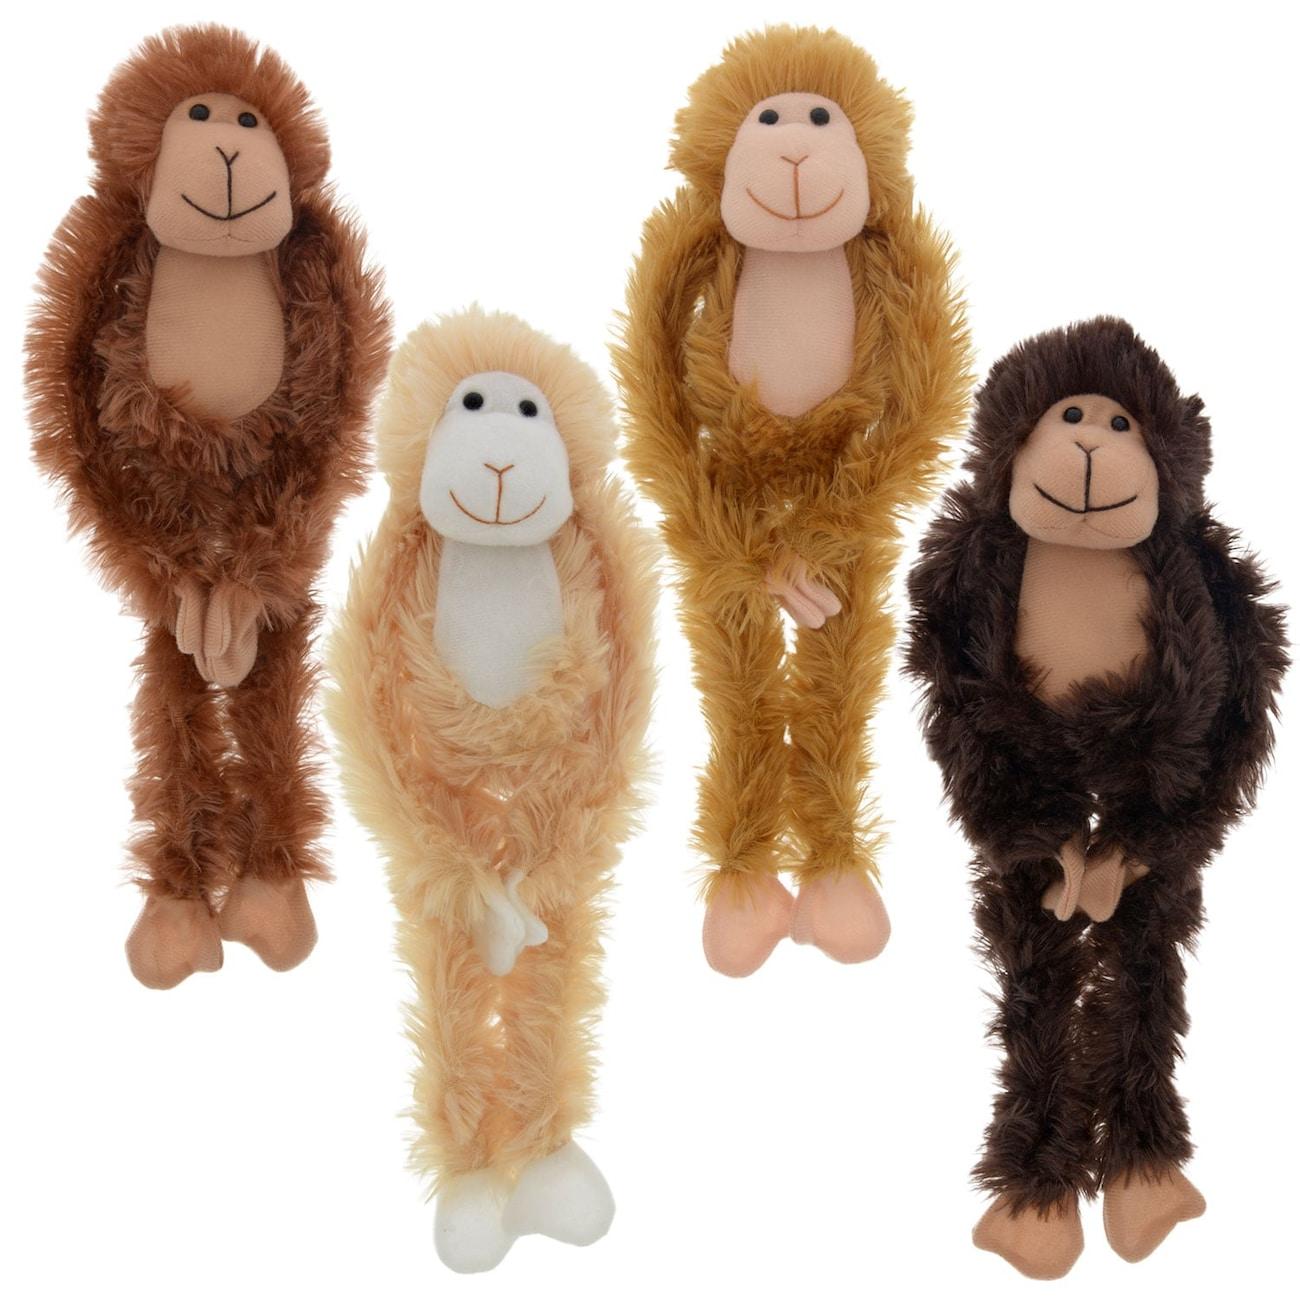 Fuzzy Friends Plush...